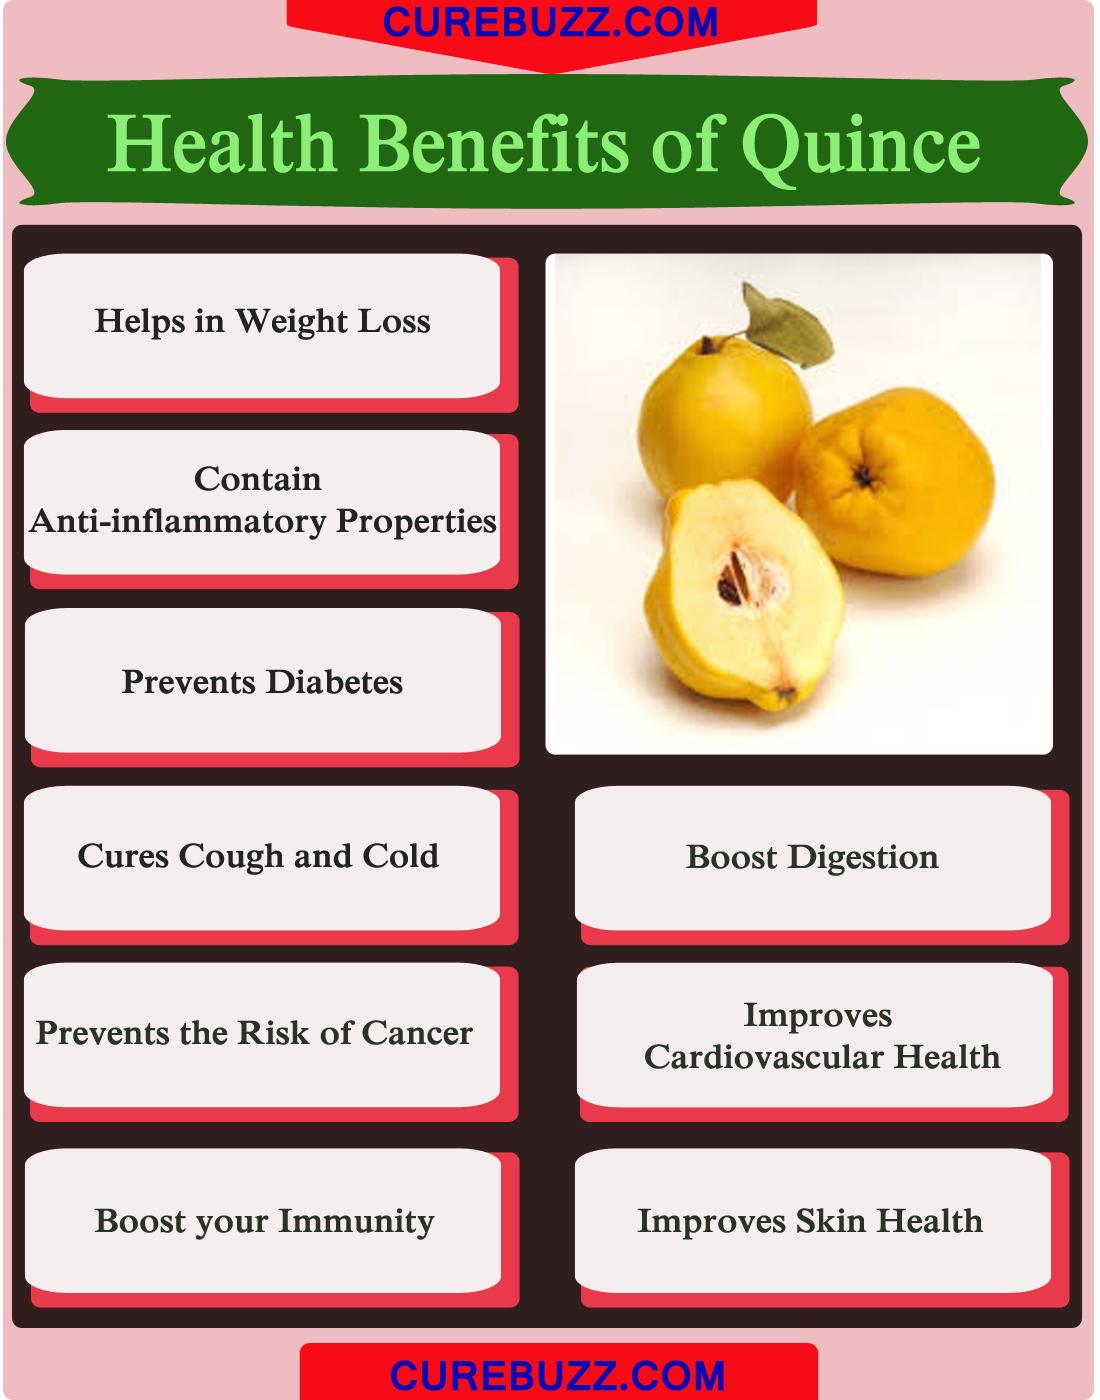 9 health benefits of quince : getatoz